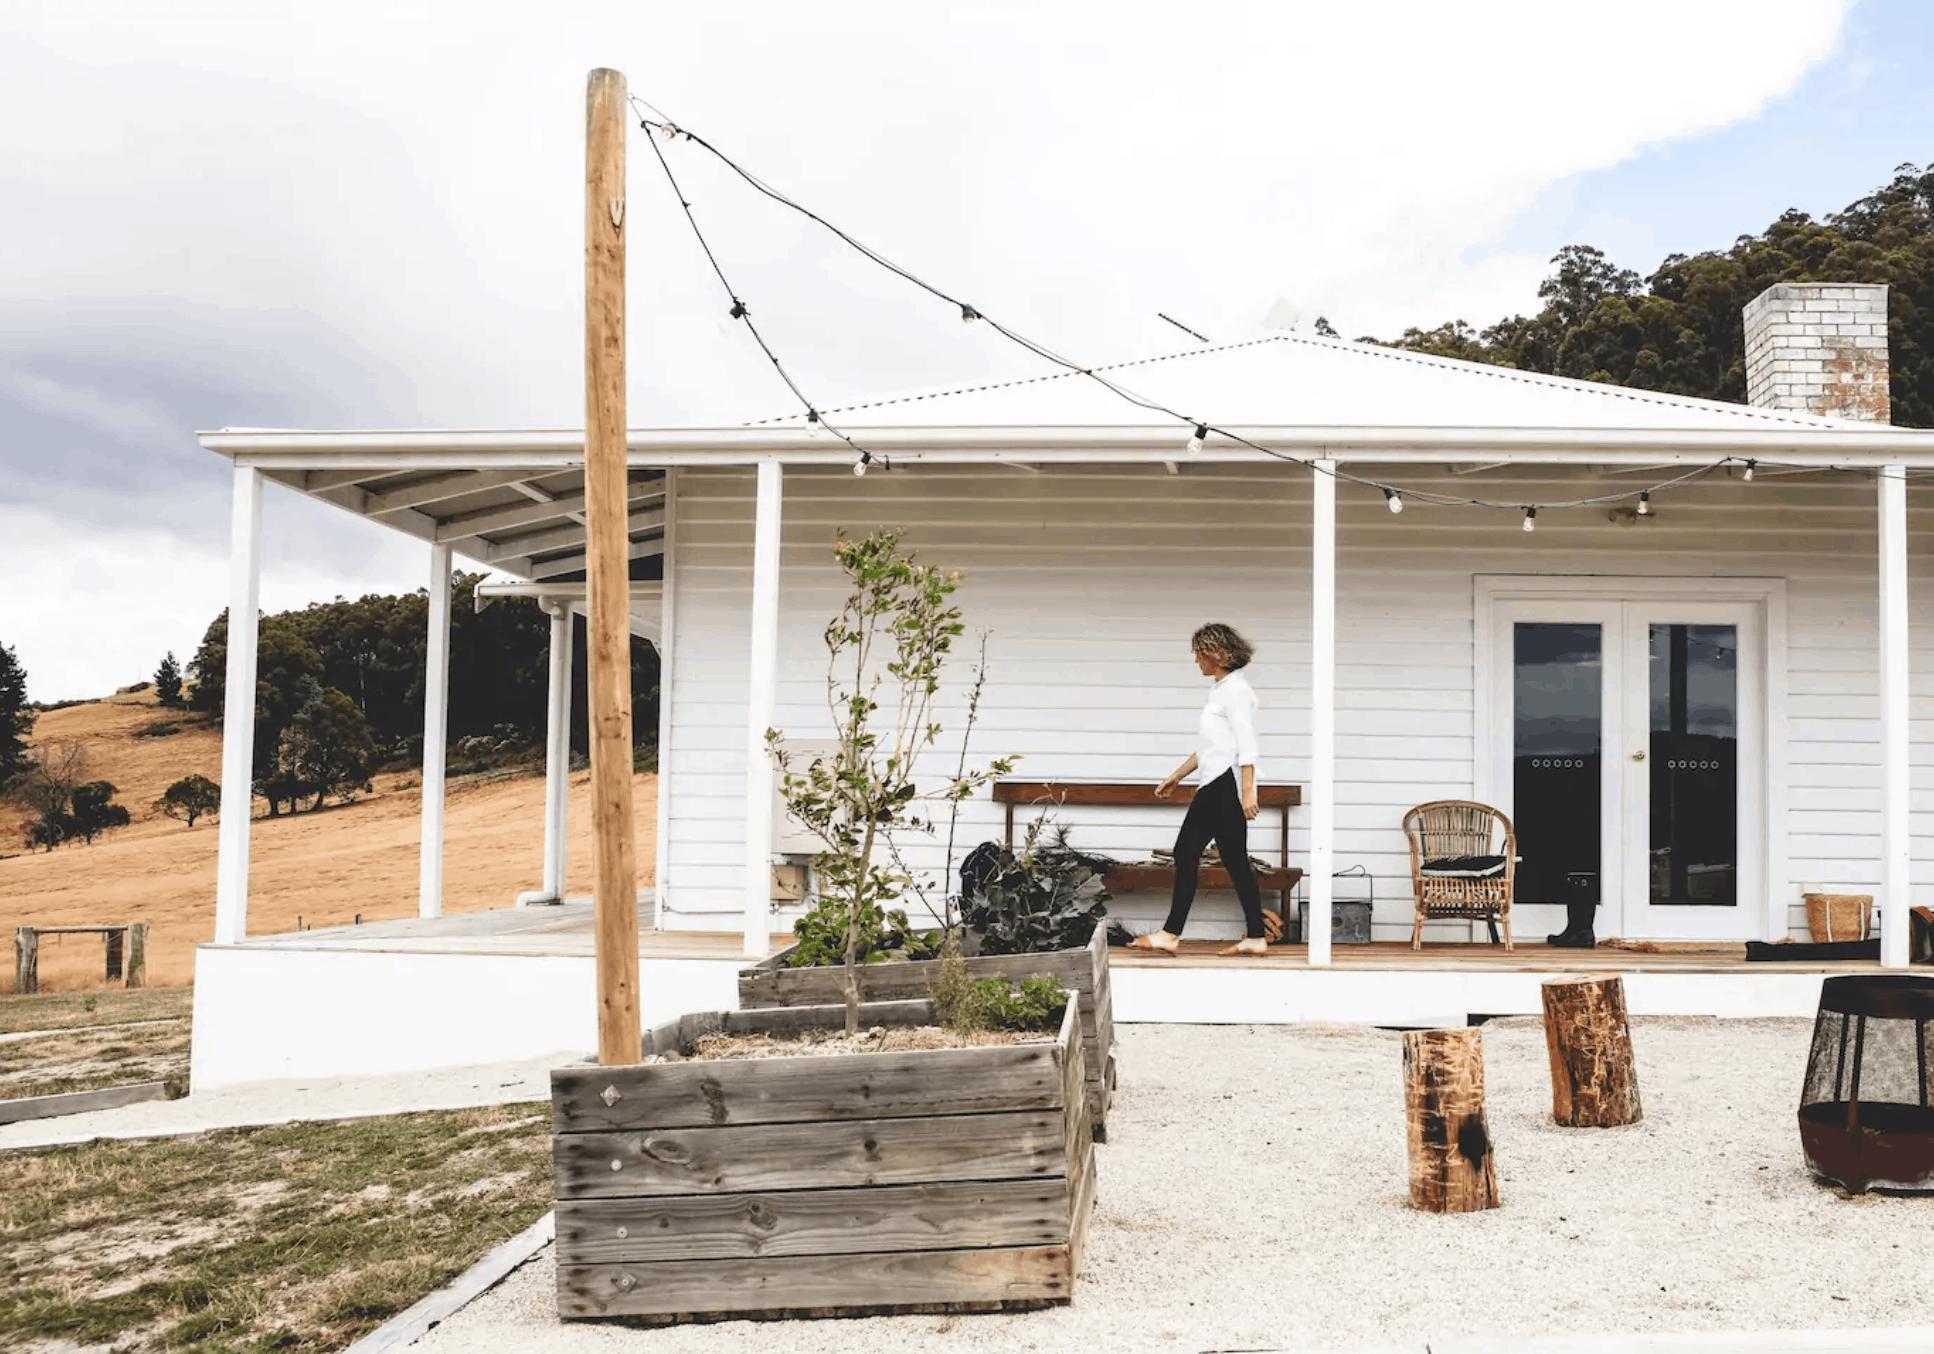 Wijngaarden. Airbnb's. Wijn drinken. Wijnreis. Guesthouse. Travel. Drink. Eat. Wine